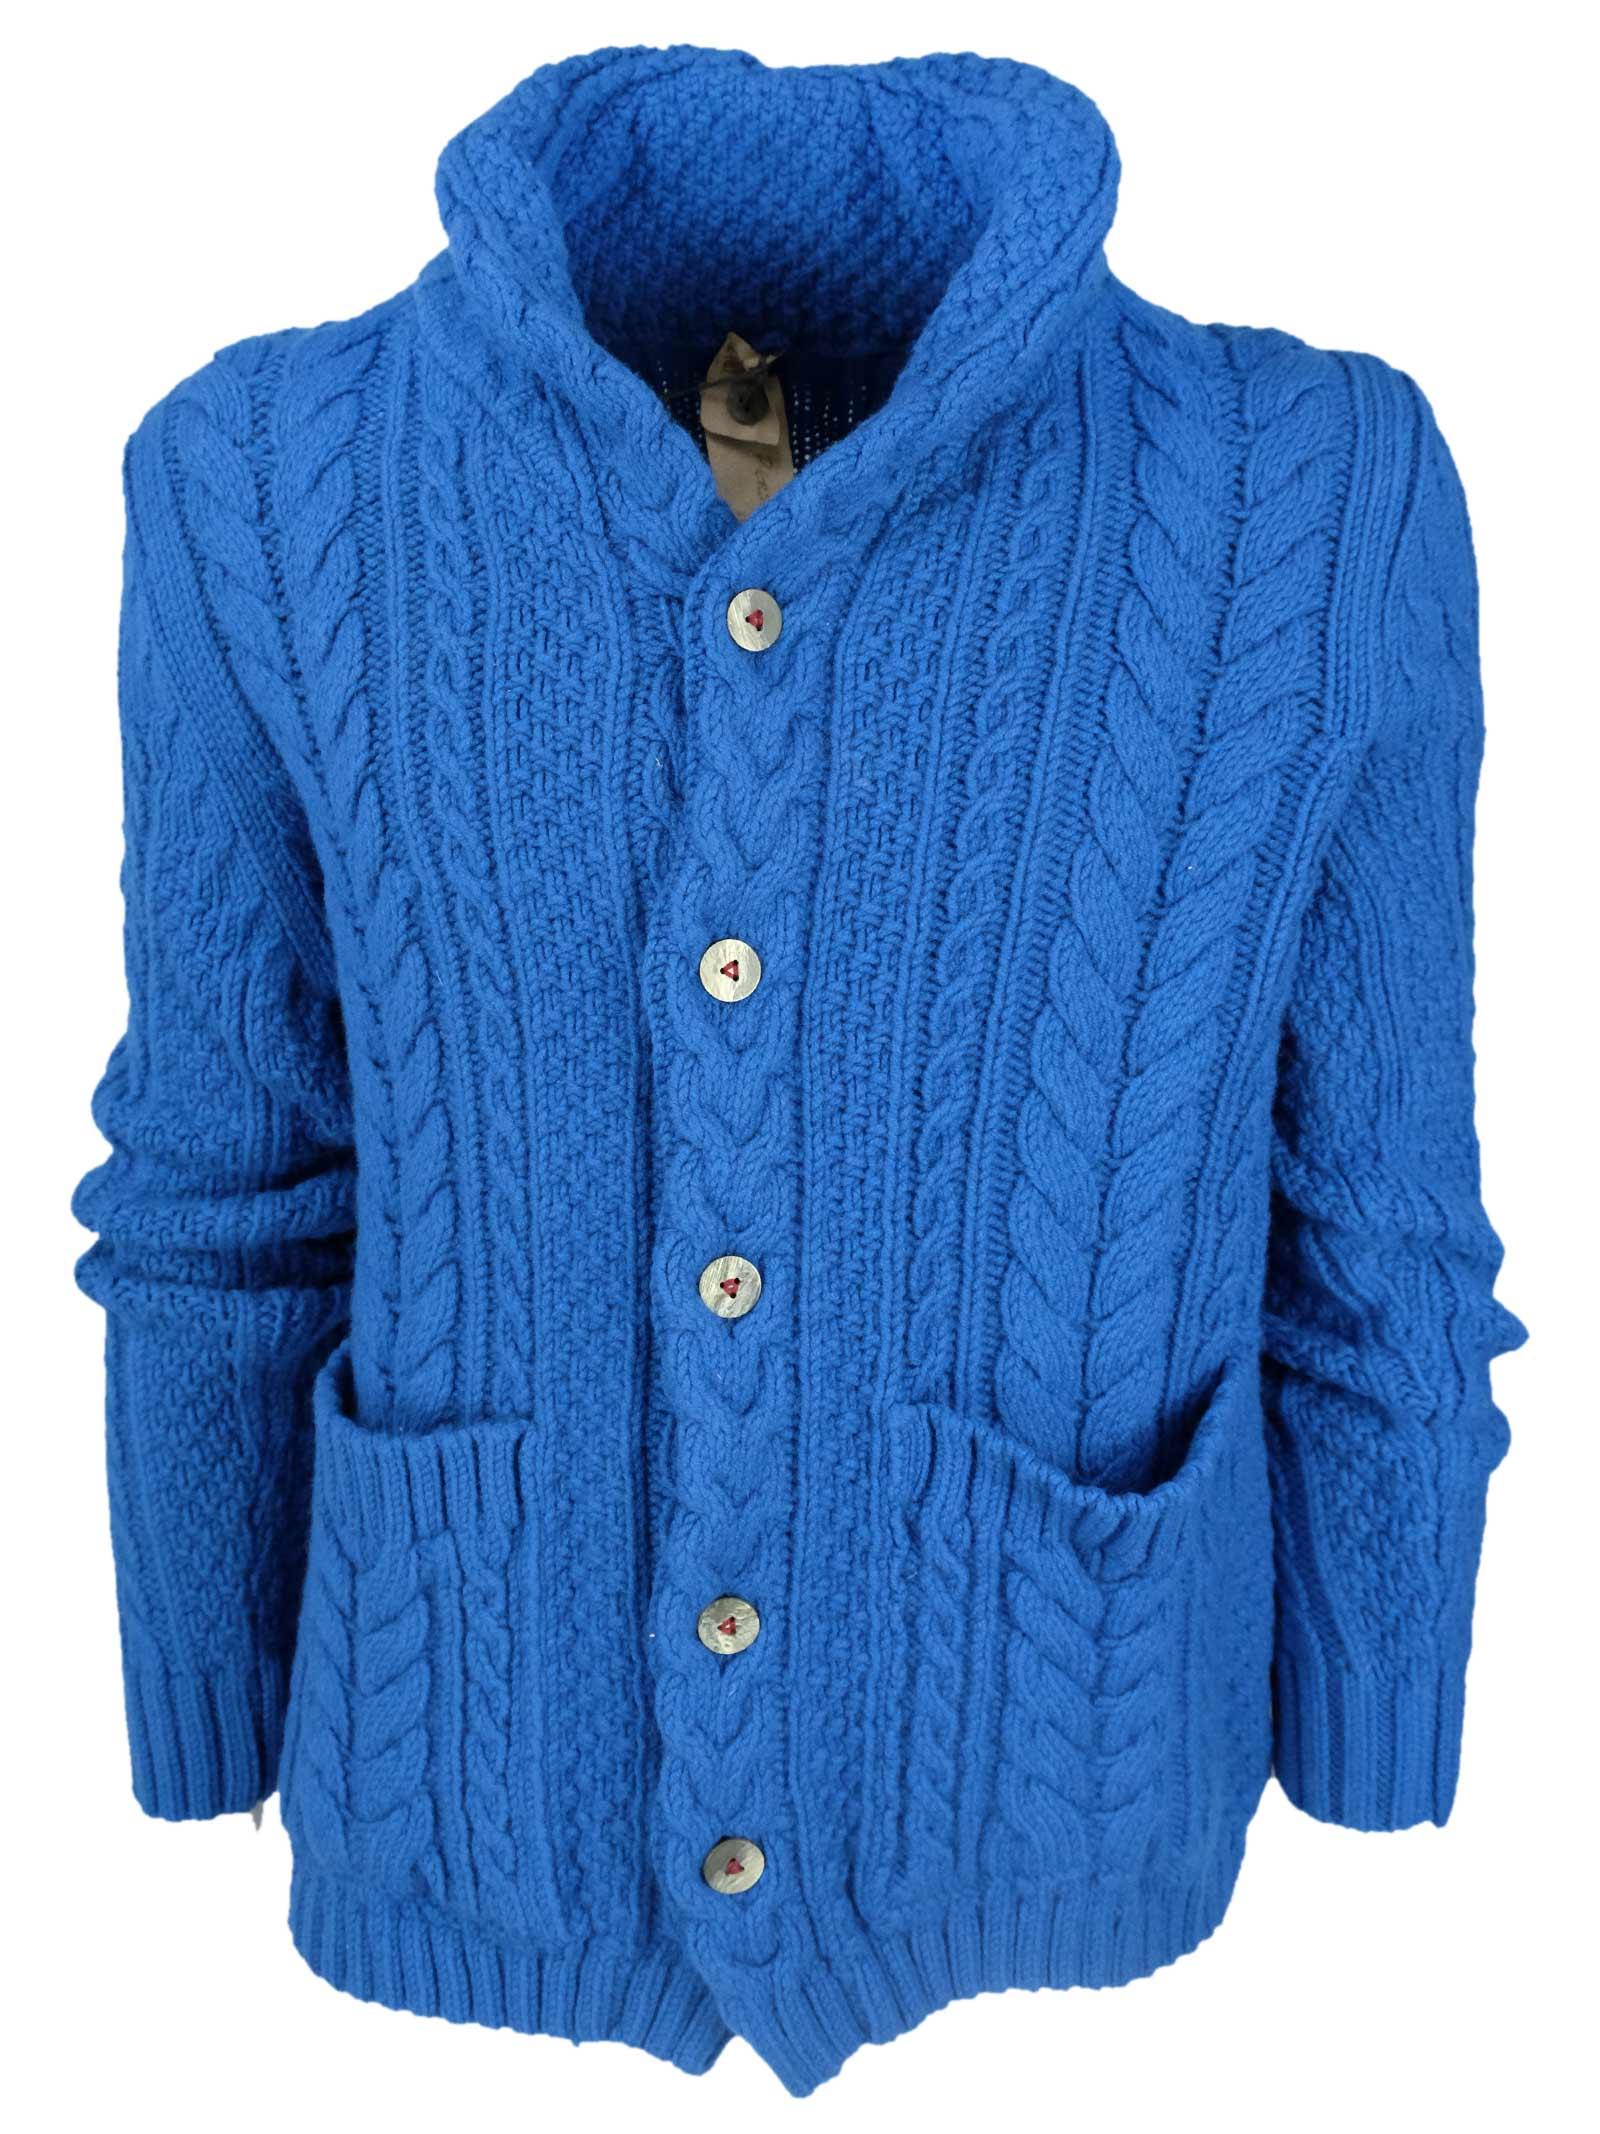 H953 | Knitwear | 305688